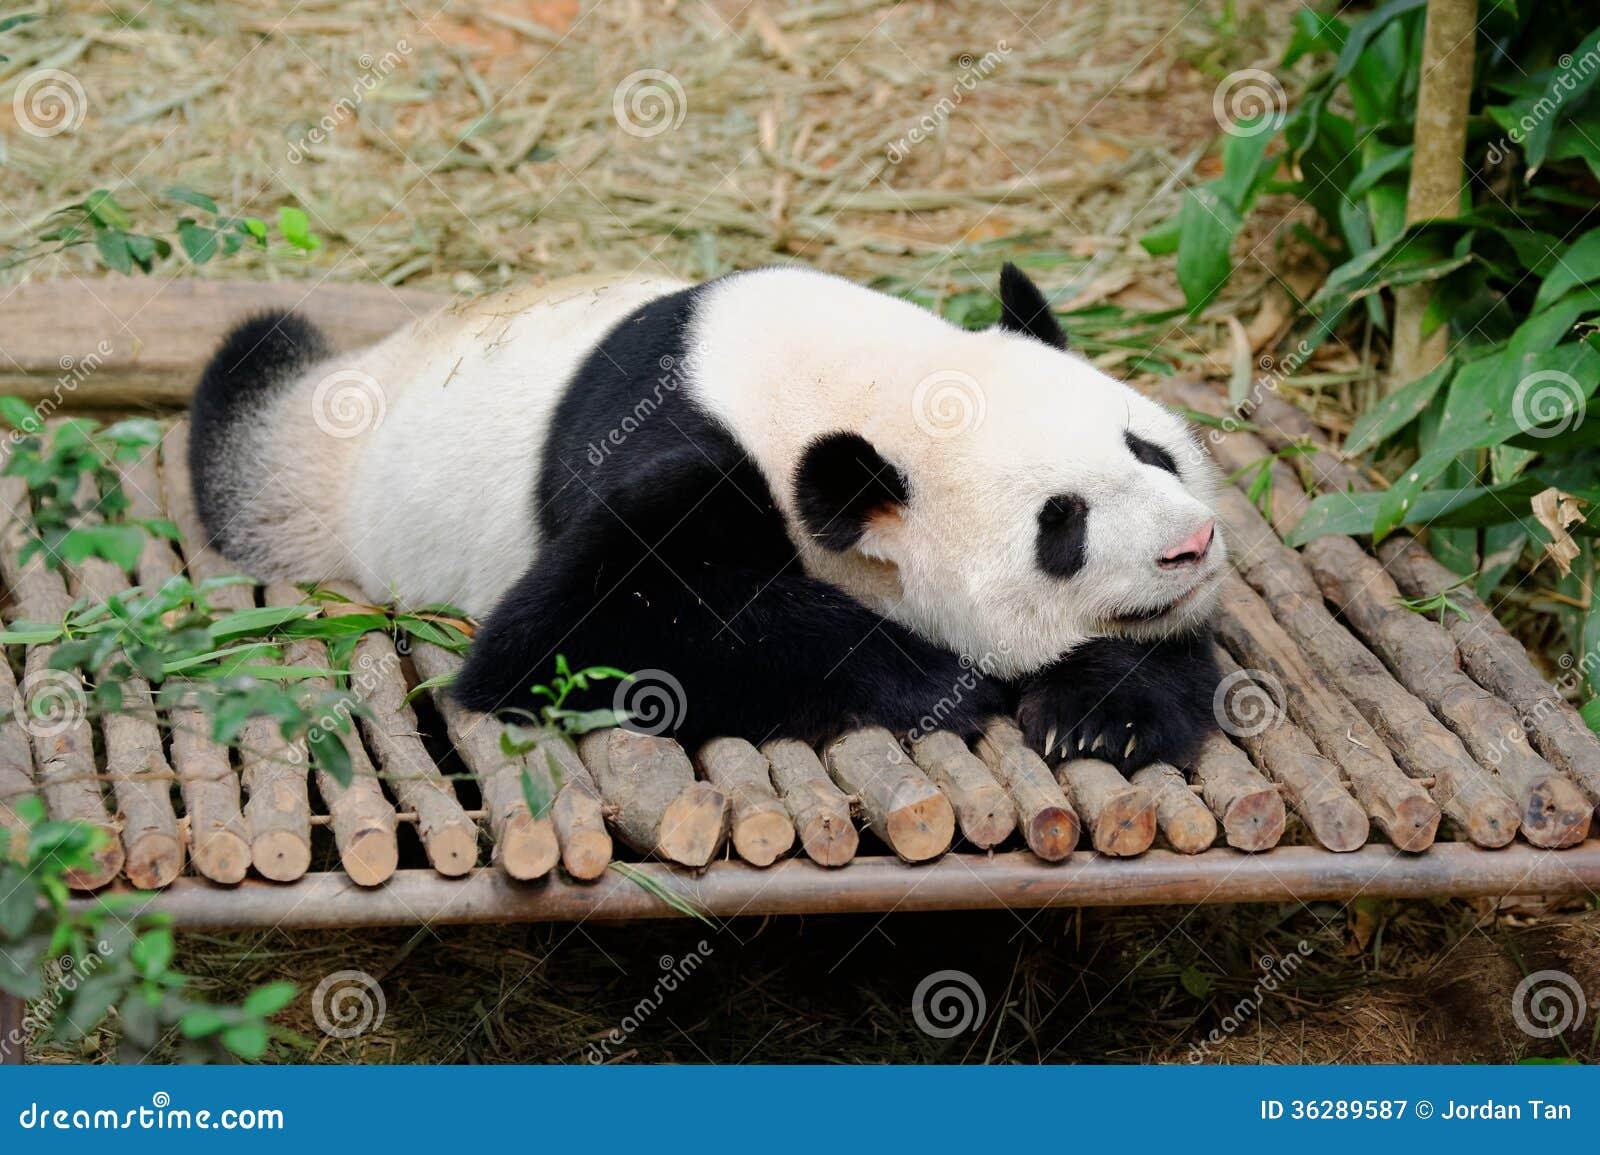 Kai Kai the male panda resting